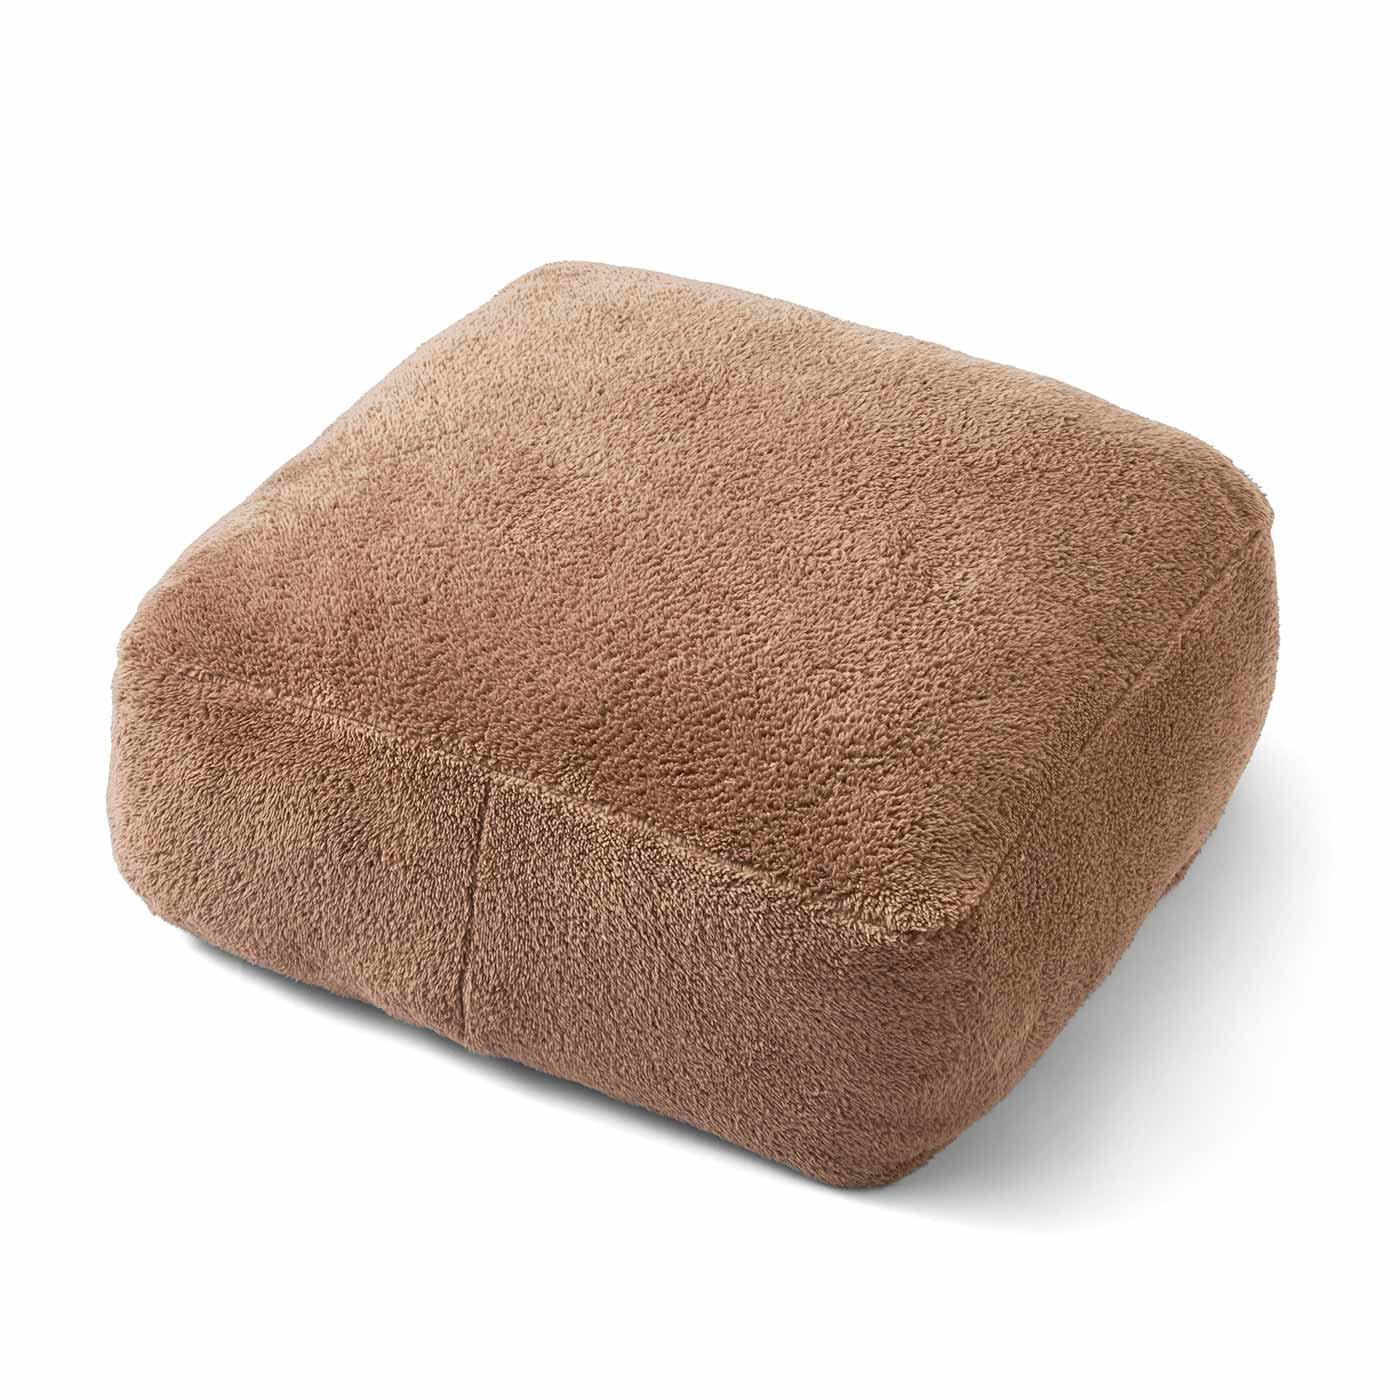 古着屋さんで見つけたような 布団収納あったかボアザブトン〈くまブラウン〉の会